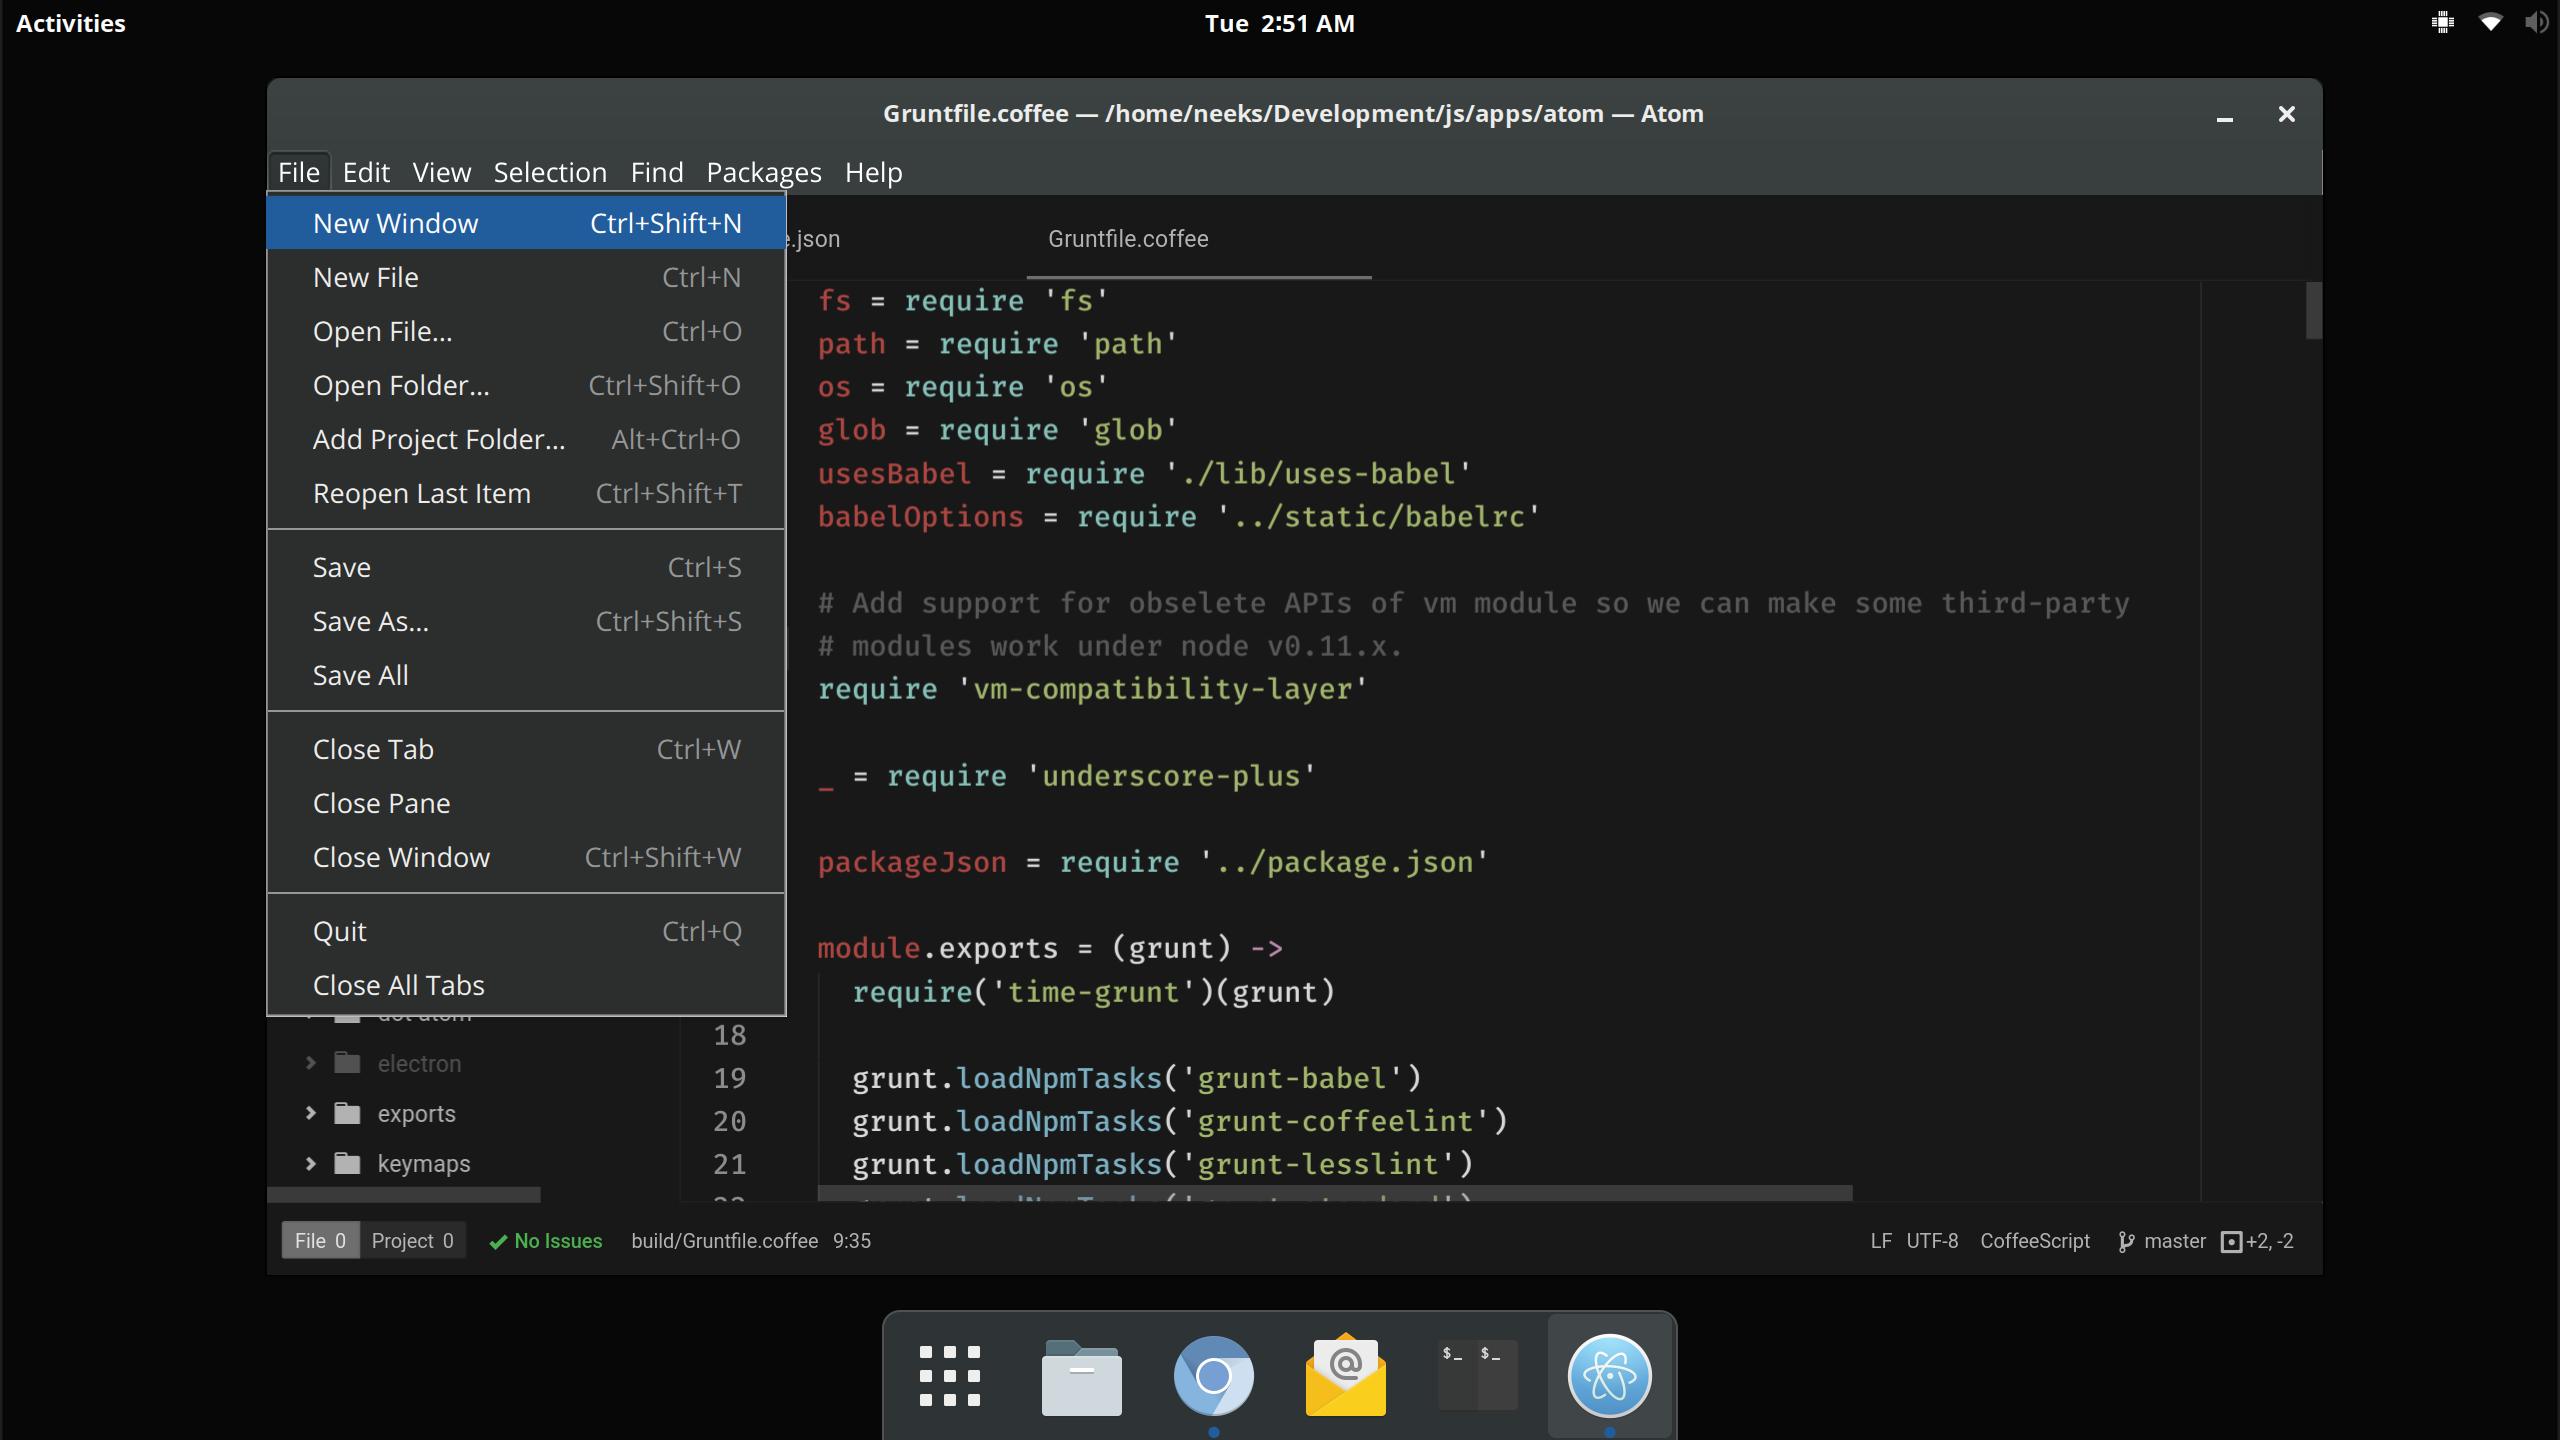 screenshot from 2016-05-24 02-51-28